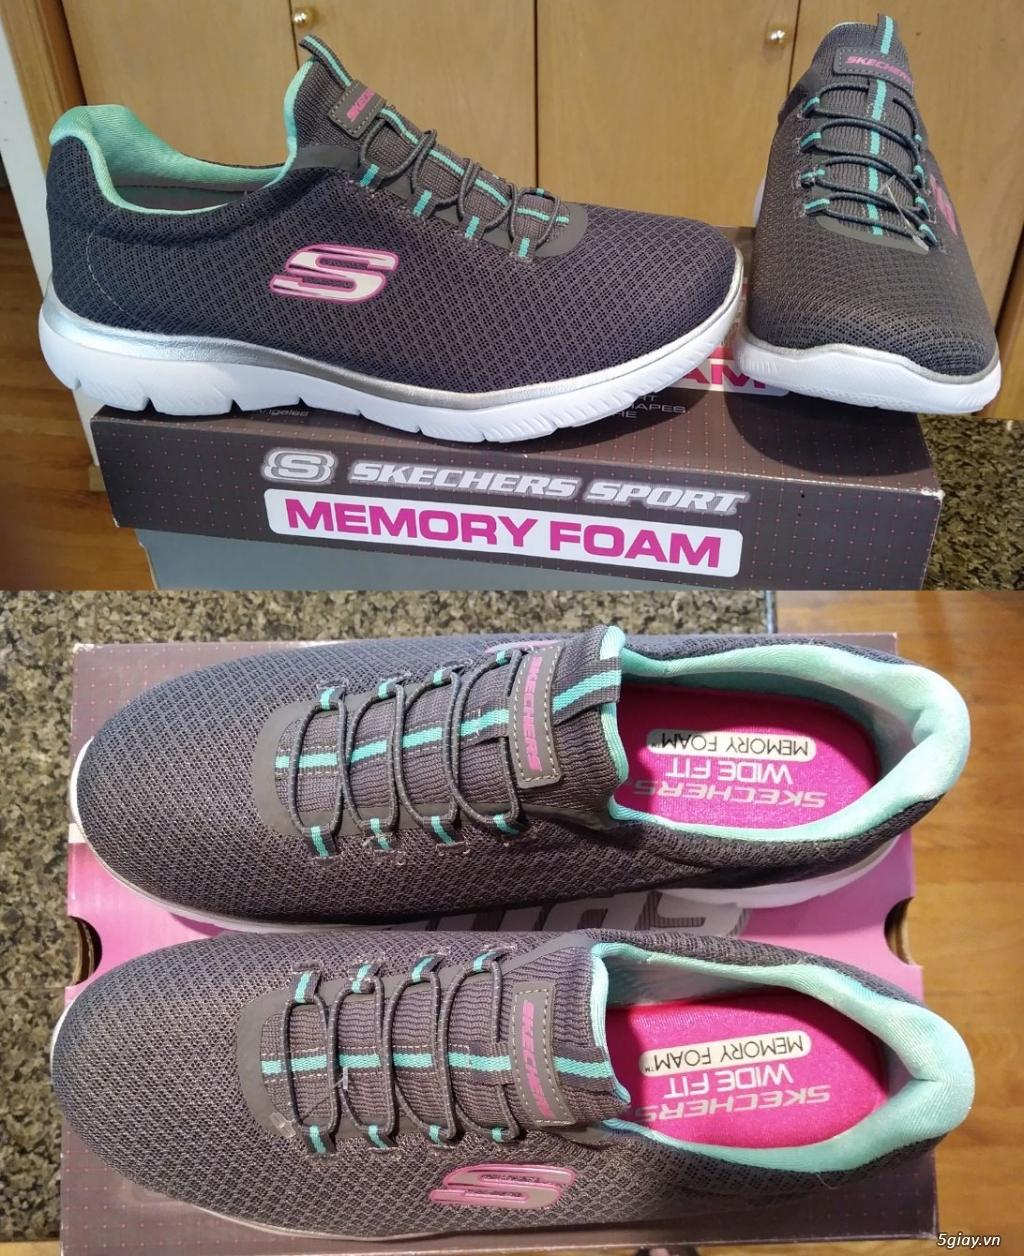 Mình xách/gửi giày Nike, Skechers, Reebok, Polo, Converse, v.v. từ Mỹ. - 32